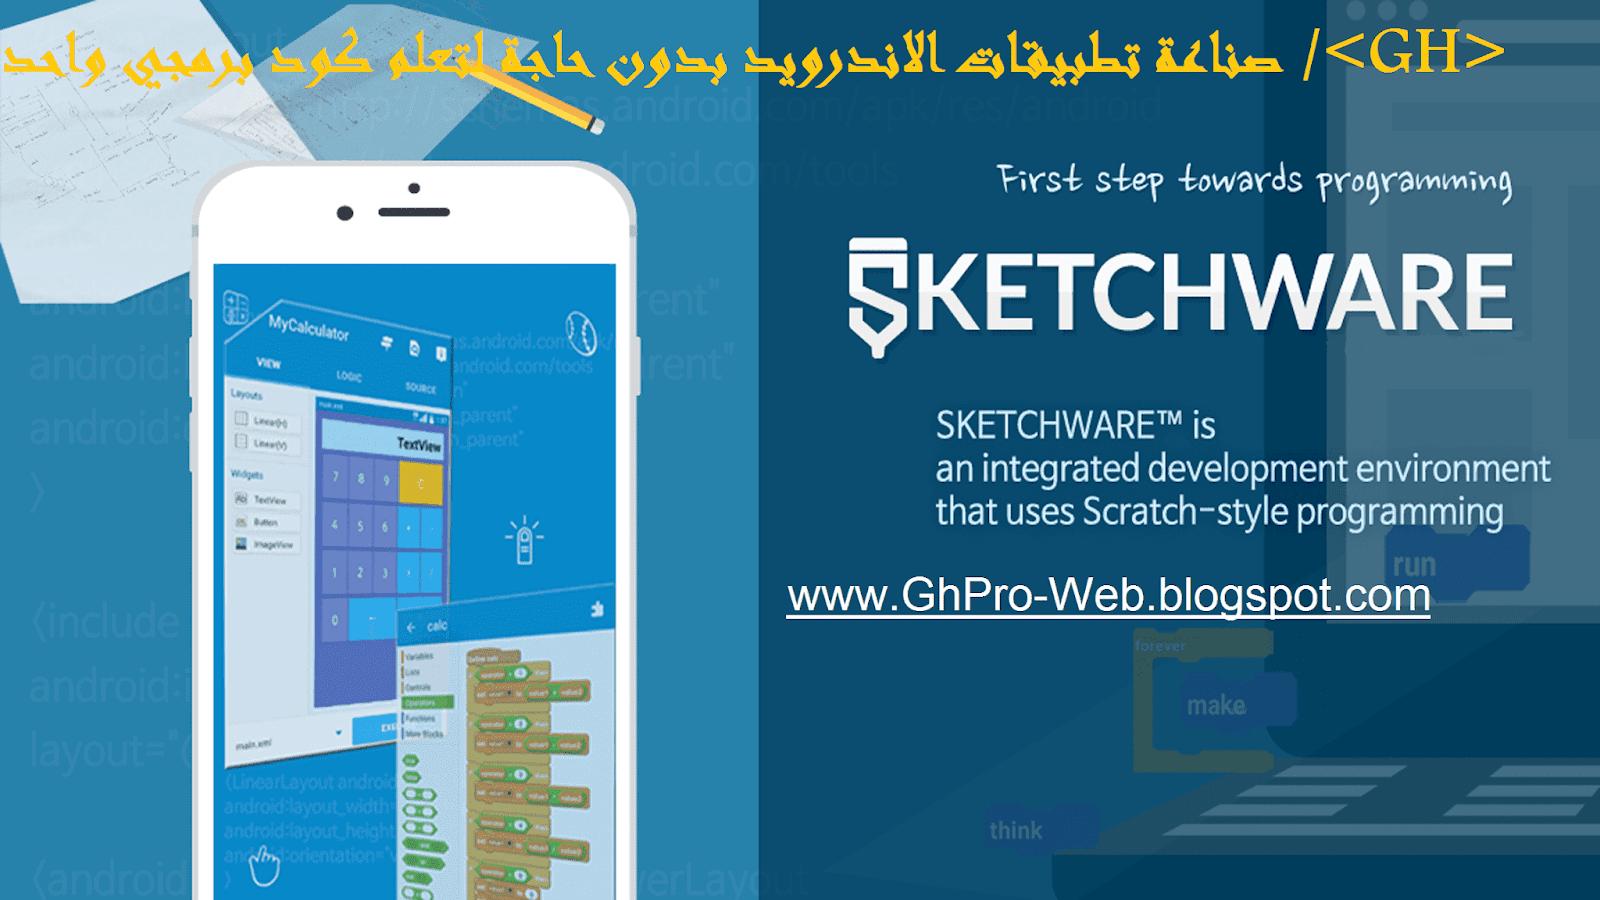 لأول مرة في الوطن العربي طريقه حصرية يمكنك أنشاءتطبيقات الاندرويد من هاتفك بيئة التطوير المرئي (IDE)